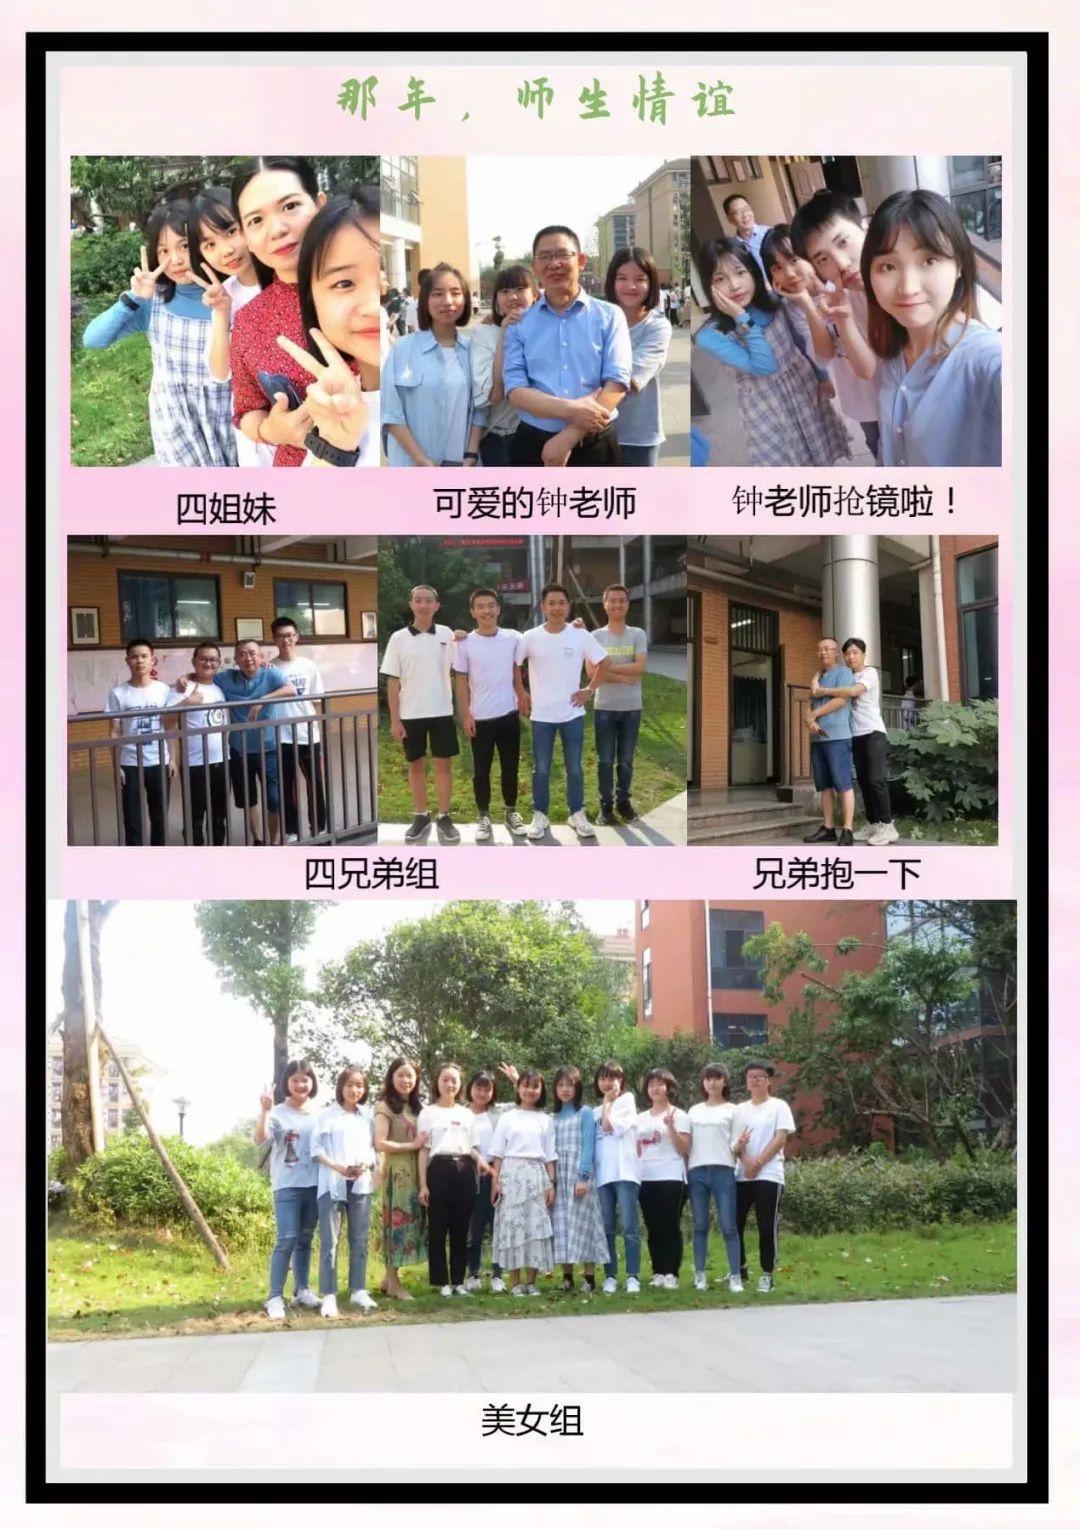 再见,云涛之家—叙永三中17级10班毕业纪念 叙永三中 第11张